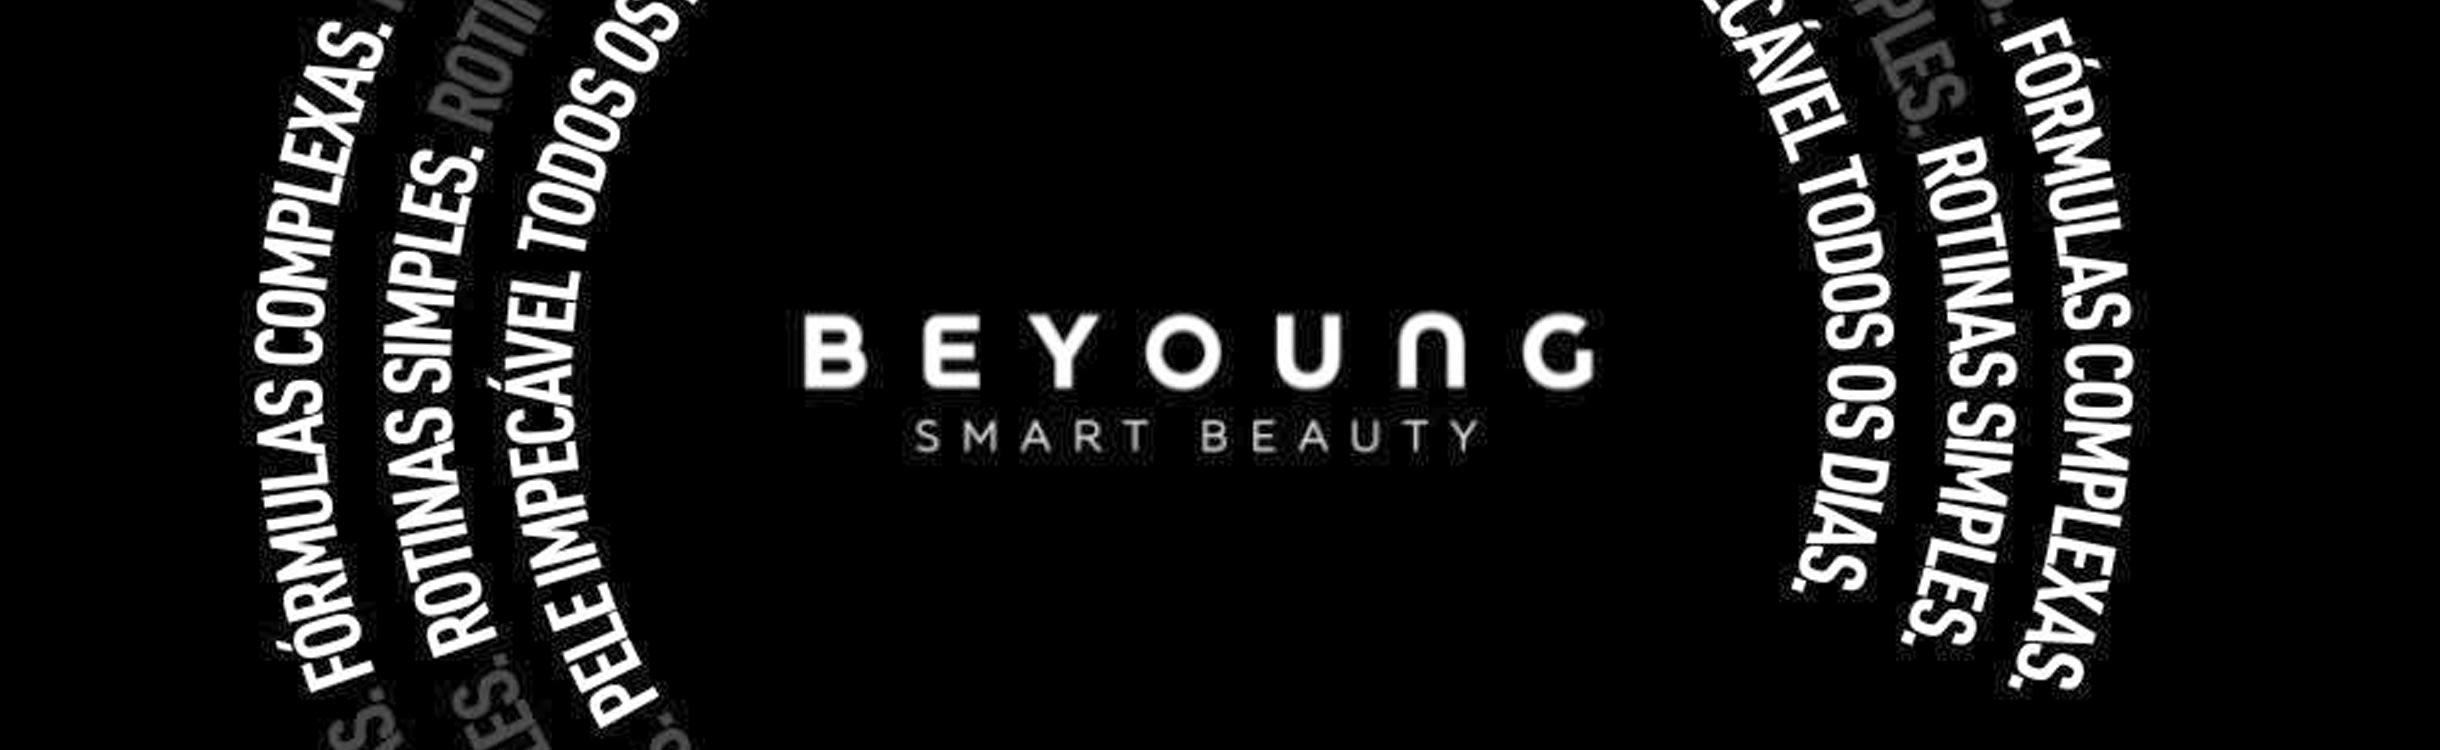 Comprar Beyoung Maquiagem e Cuidados Com a Pele